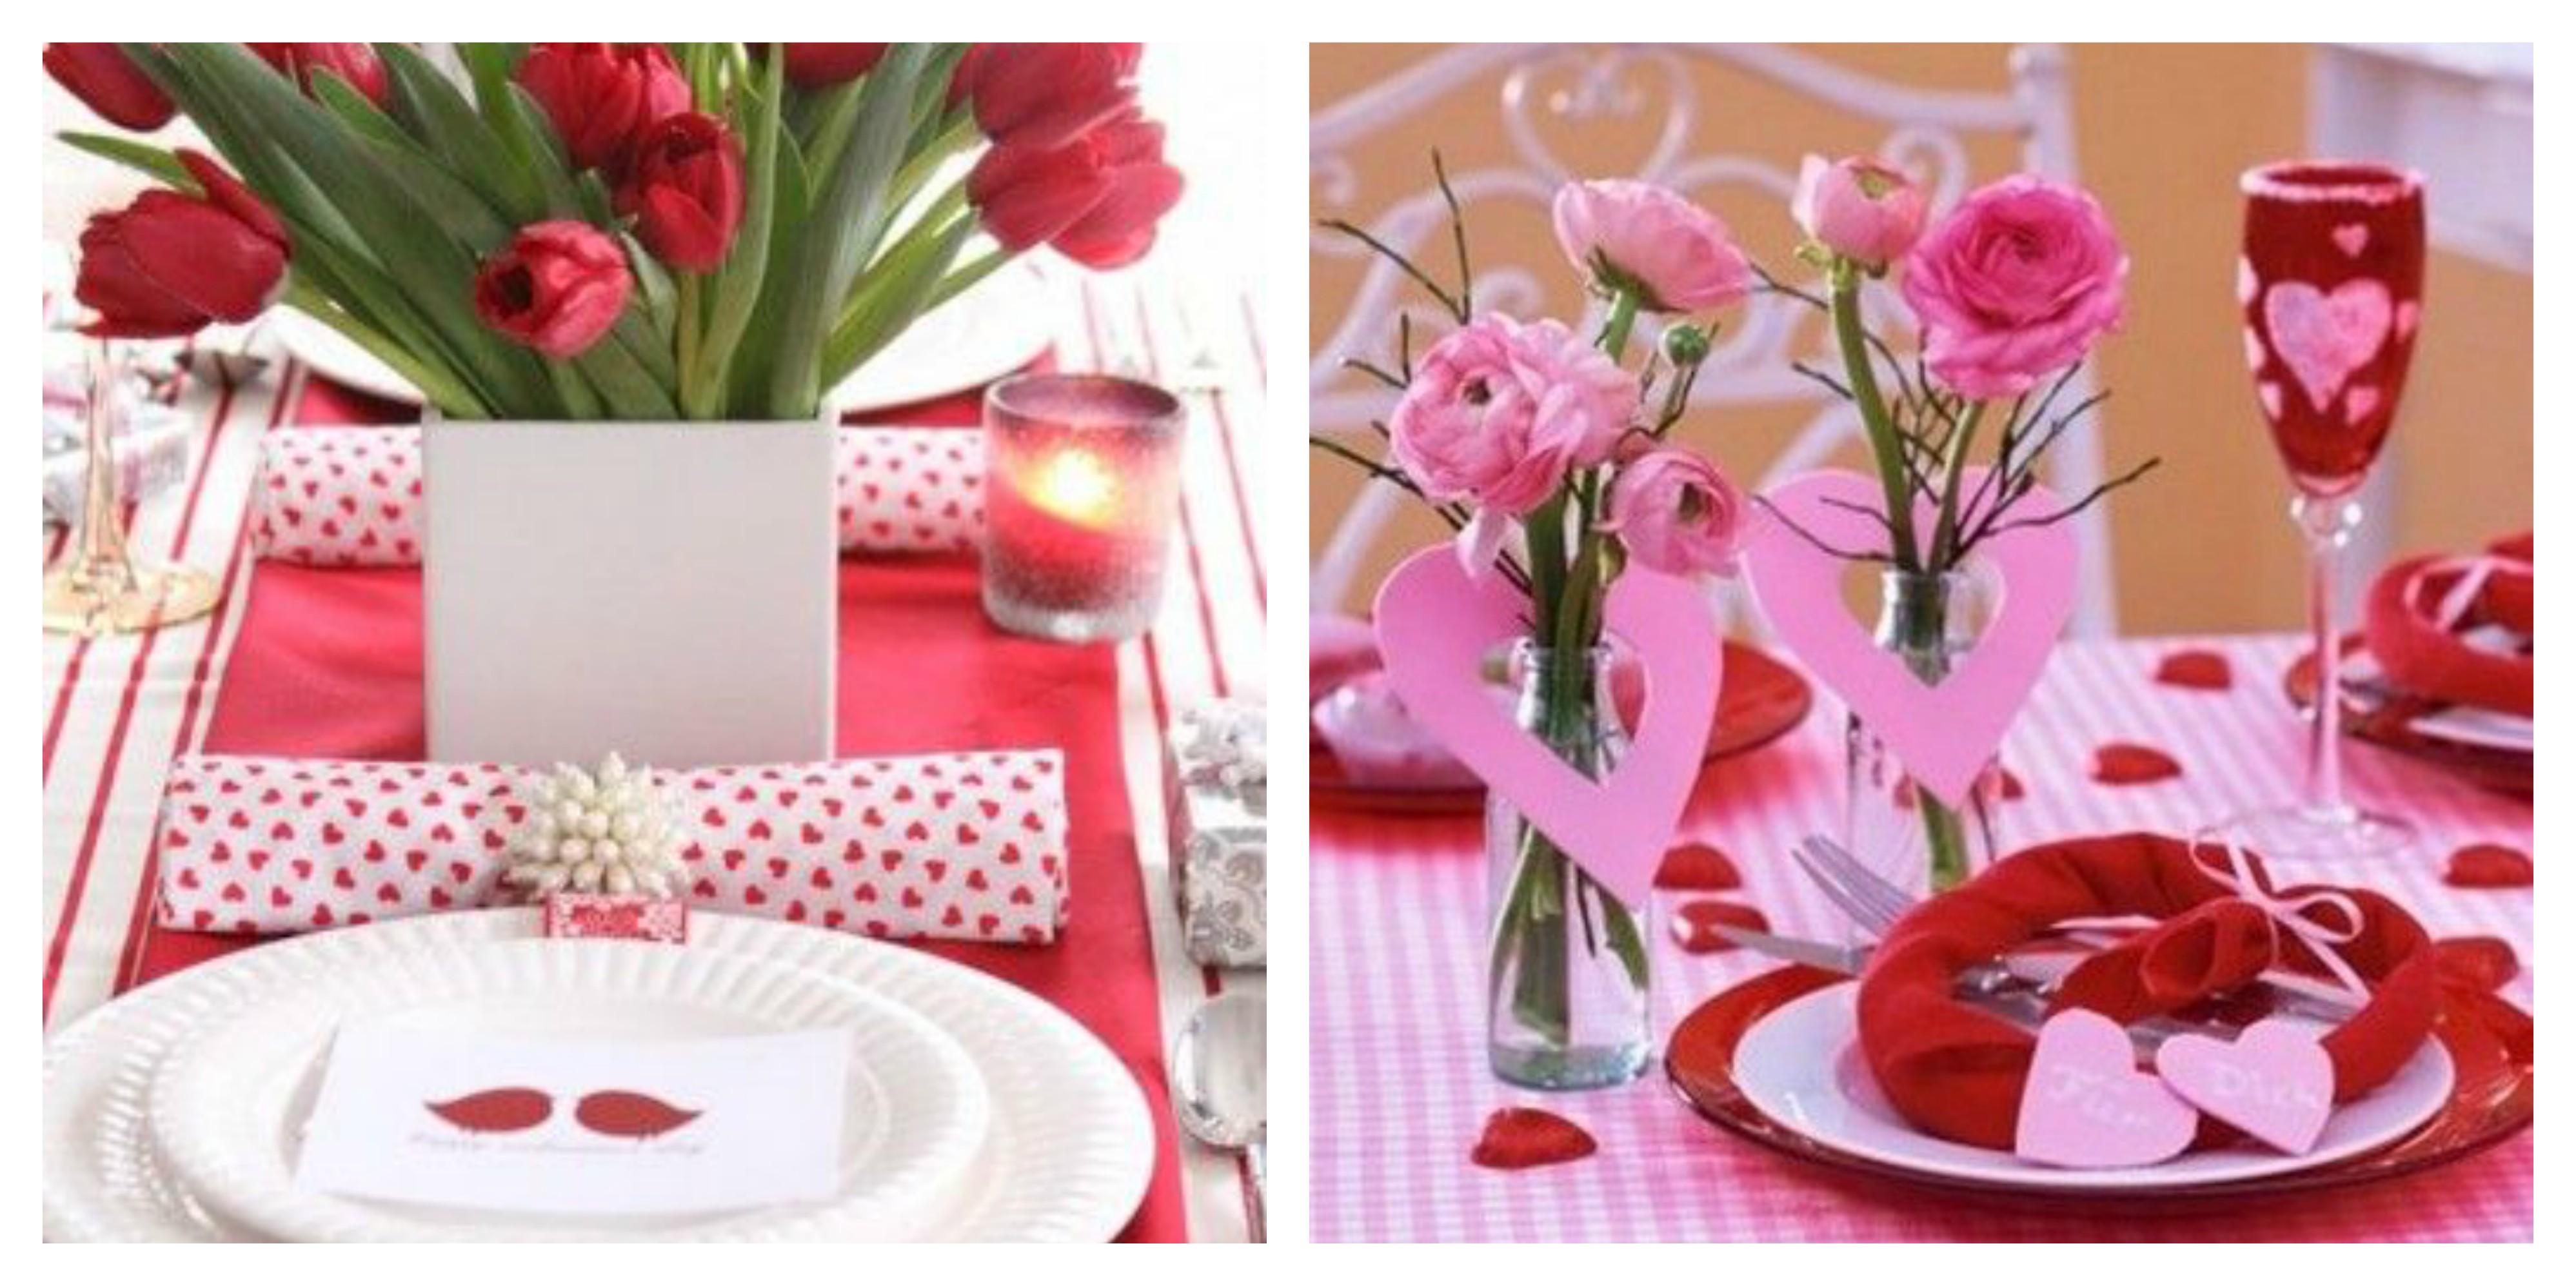 35 idee originali e romantiche per la tavola di san valentino - Idee tavola san valentino ...